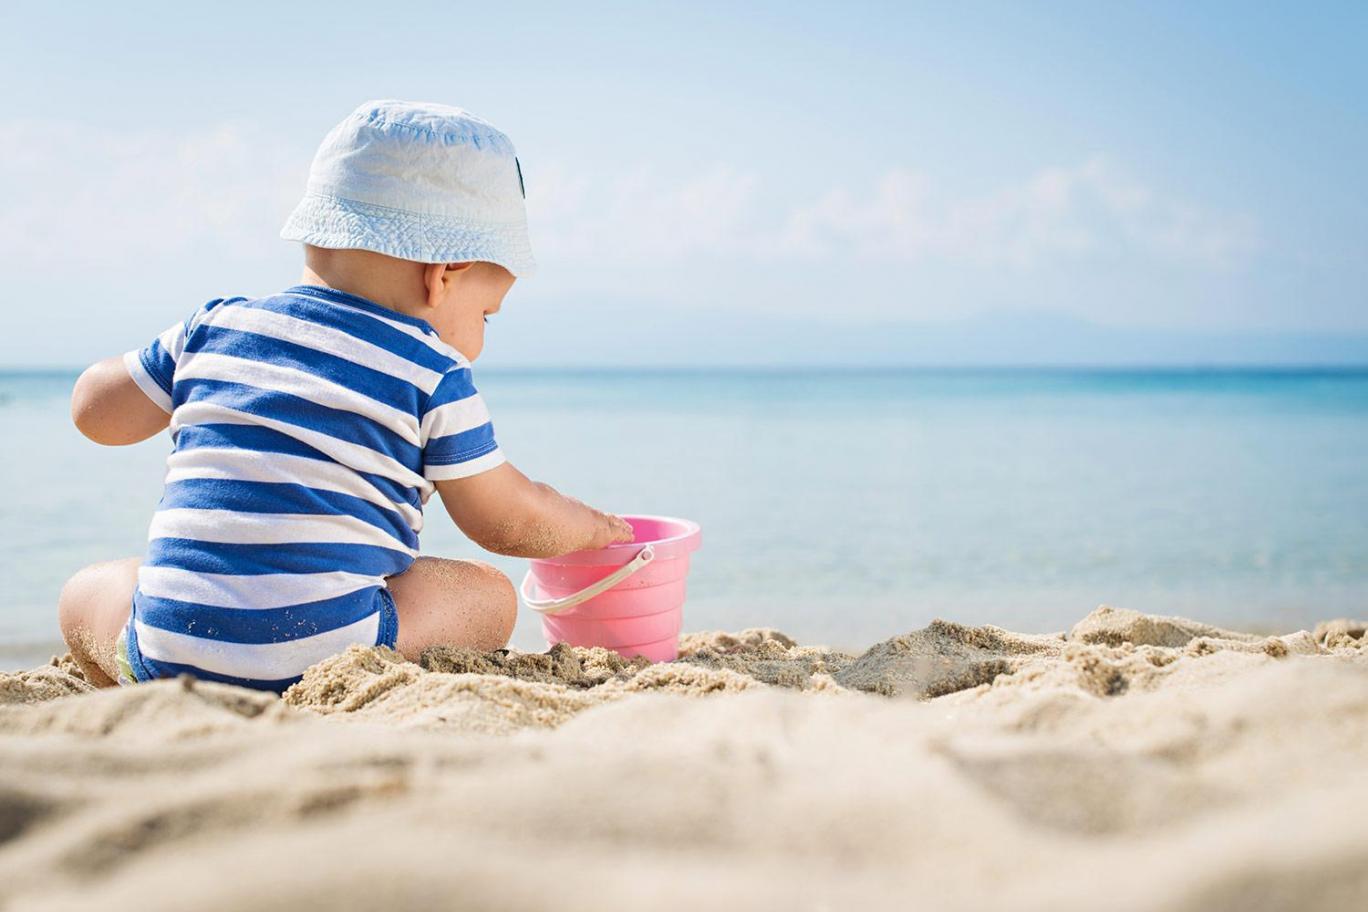 cum îţi protejezi bebeluşul de soare